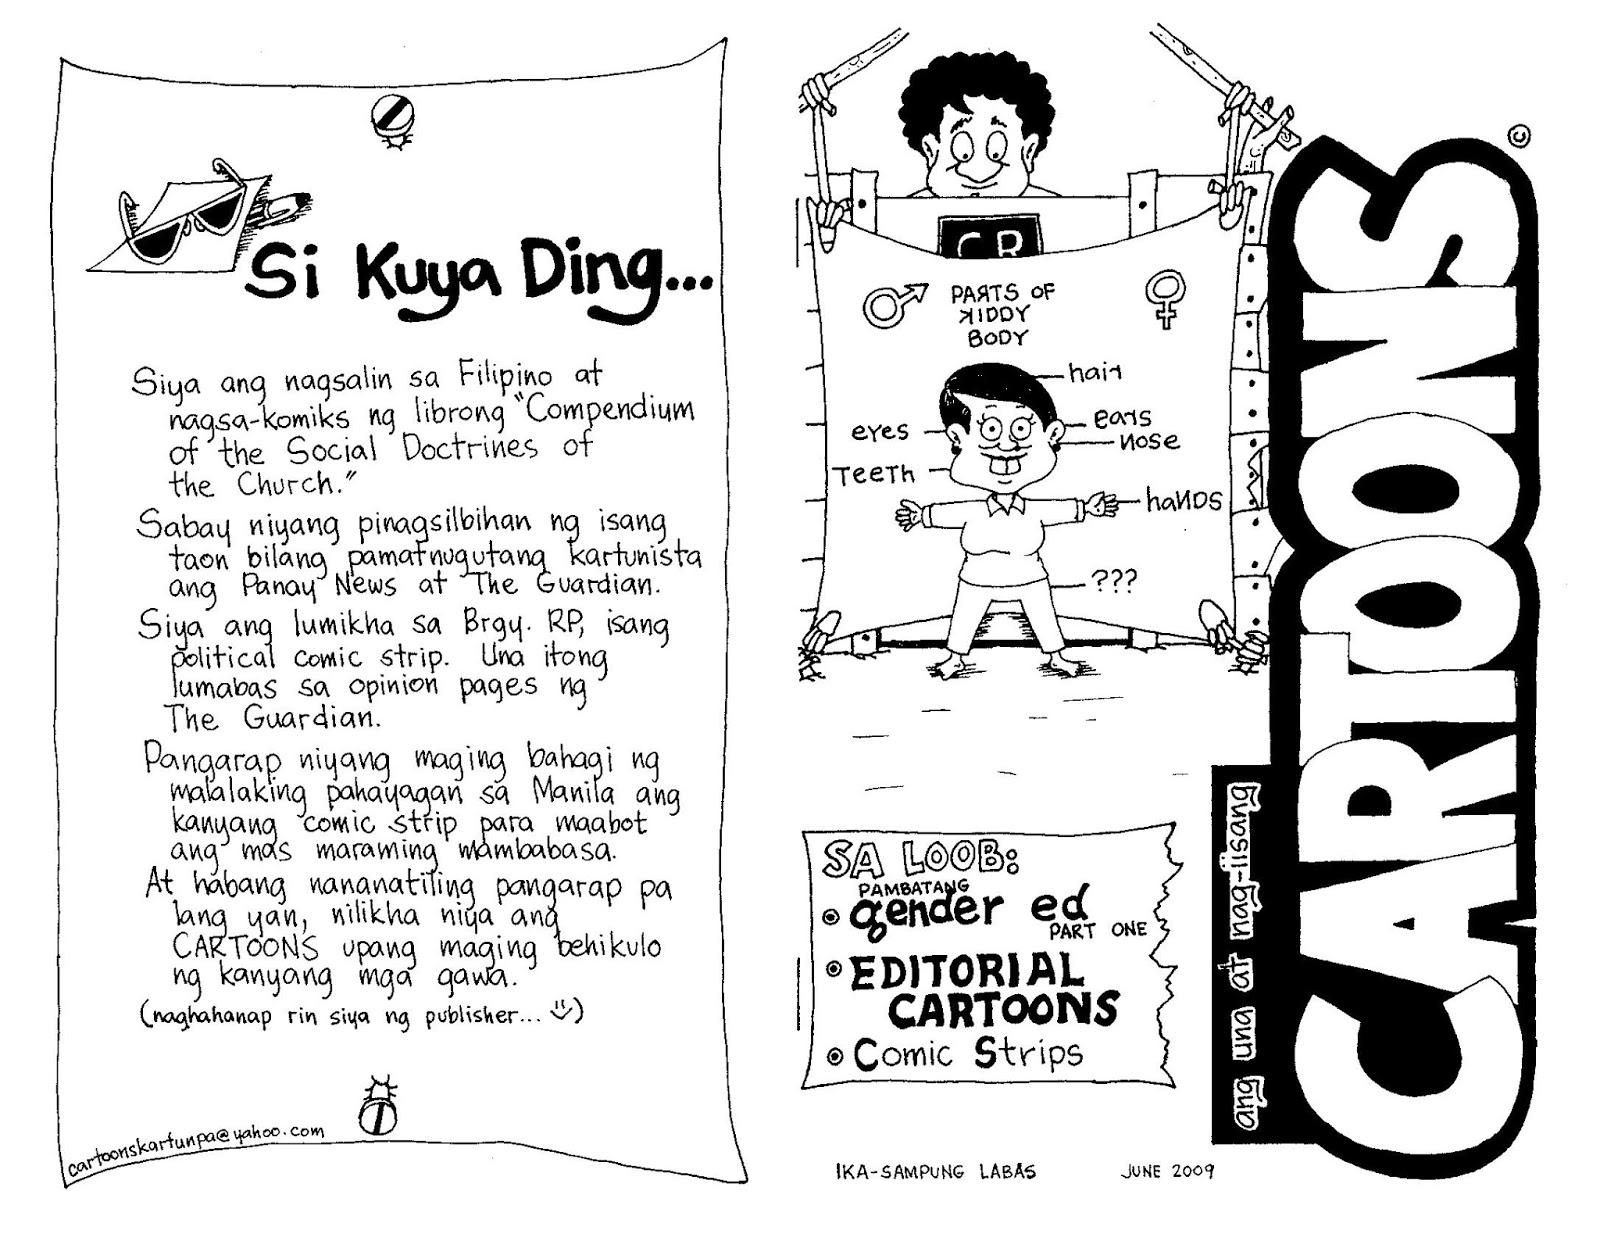 editoryal tagalog - philippin news collections